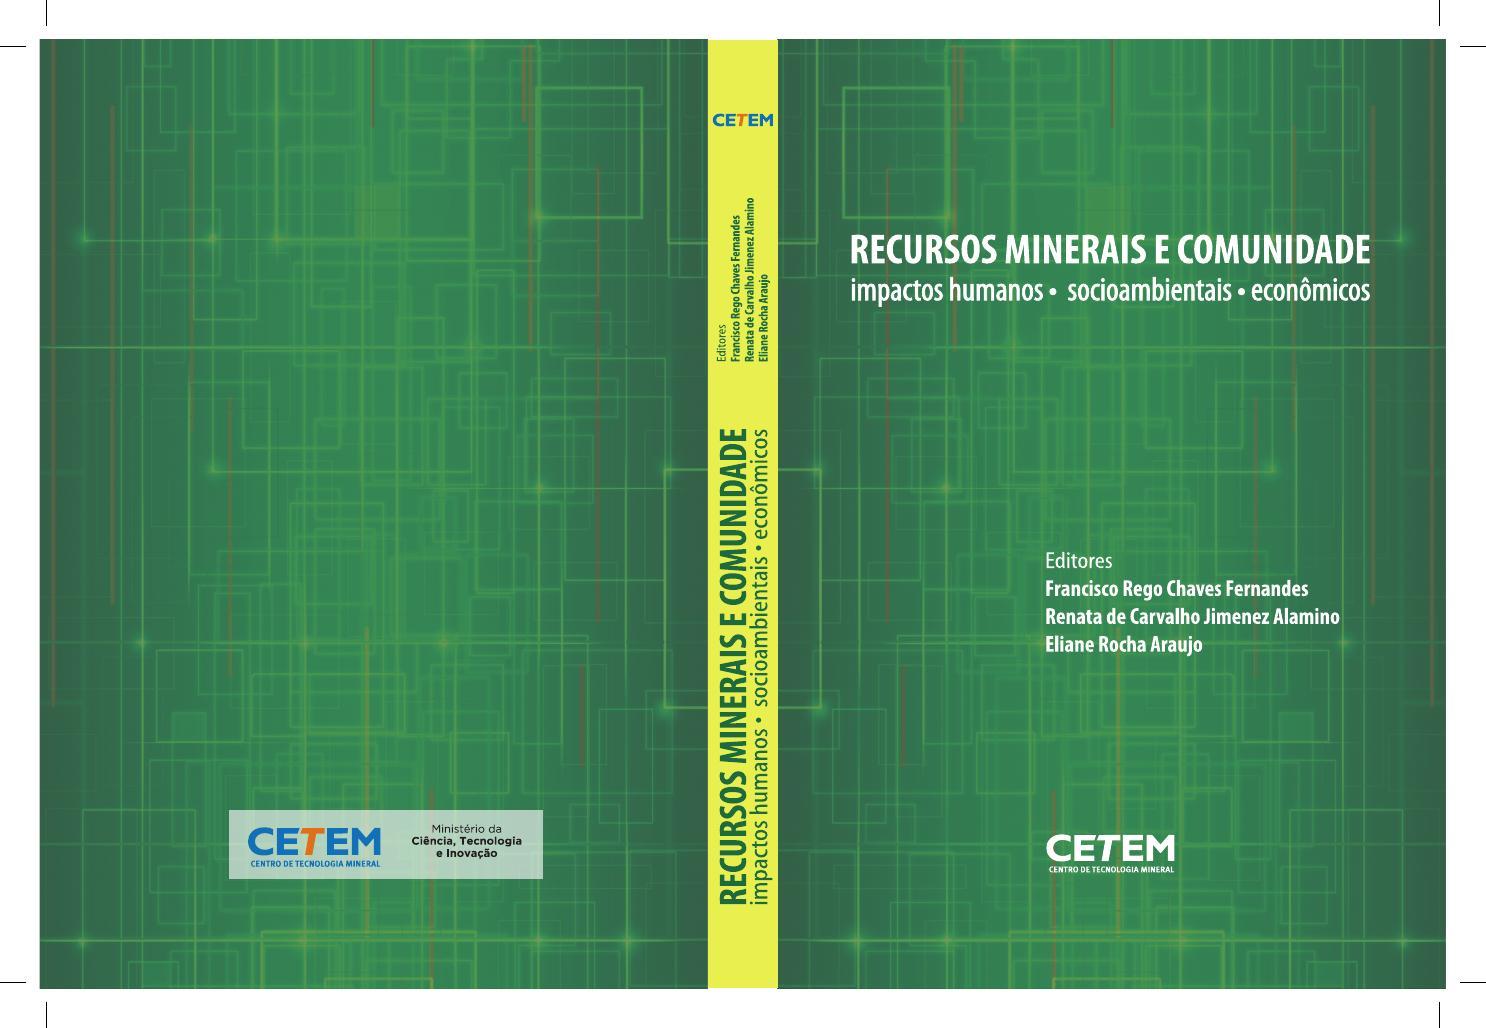 Recursos minerais e comunidade impactos humanos socioambientais e  economicos by Pesquisa Unificada - issuu 947853393a96d